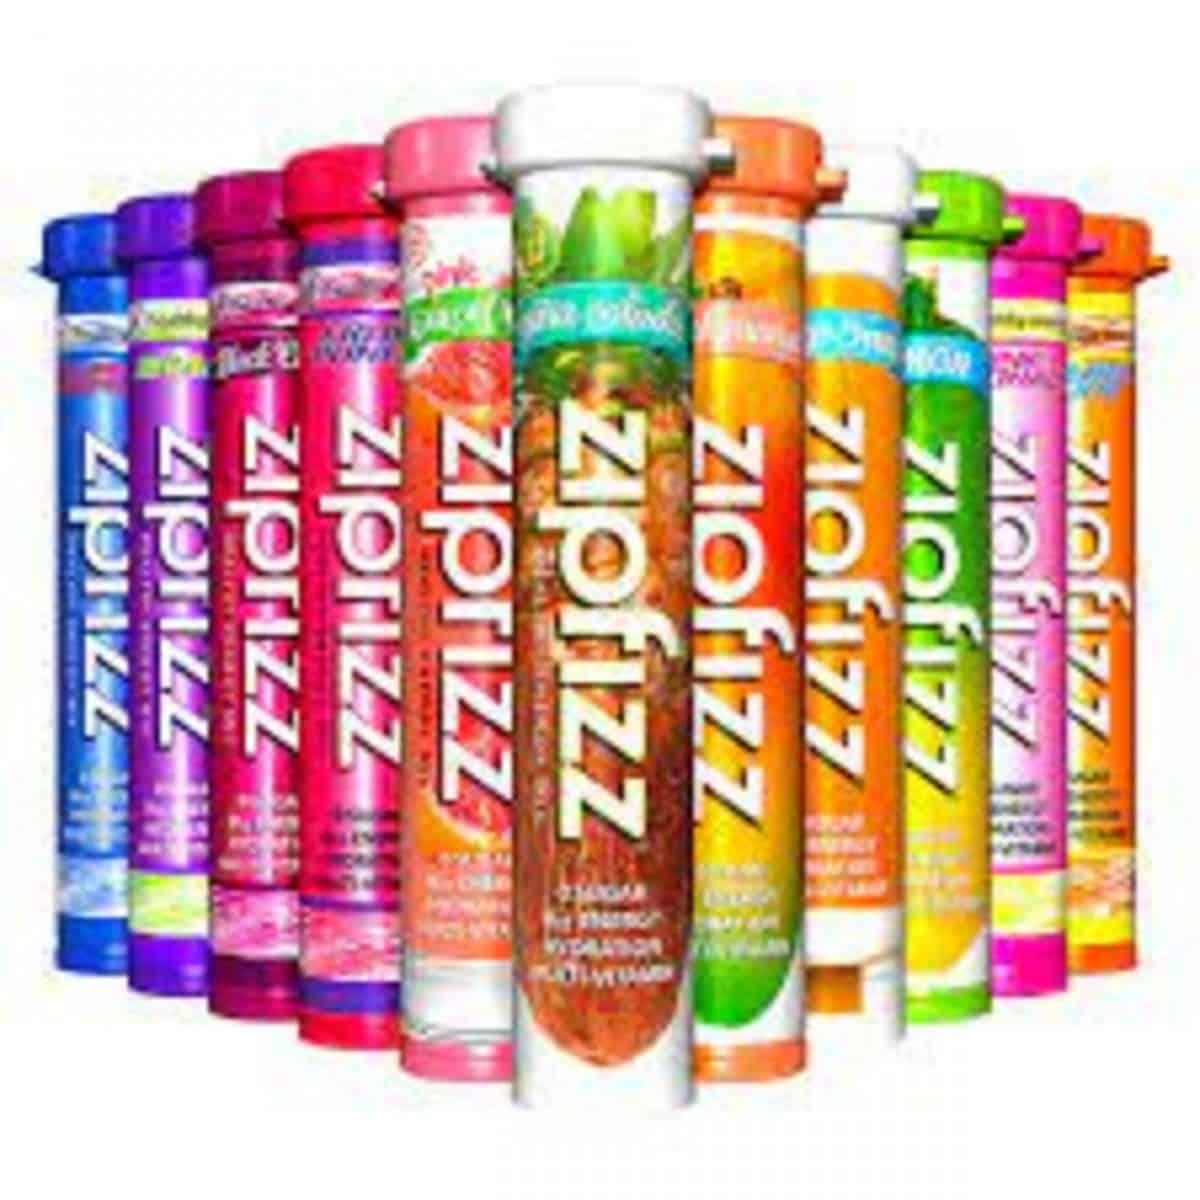 Zip Fizz Energy Drink